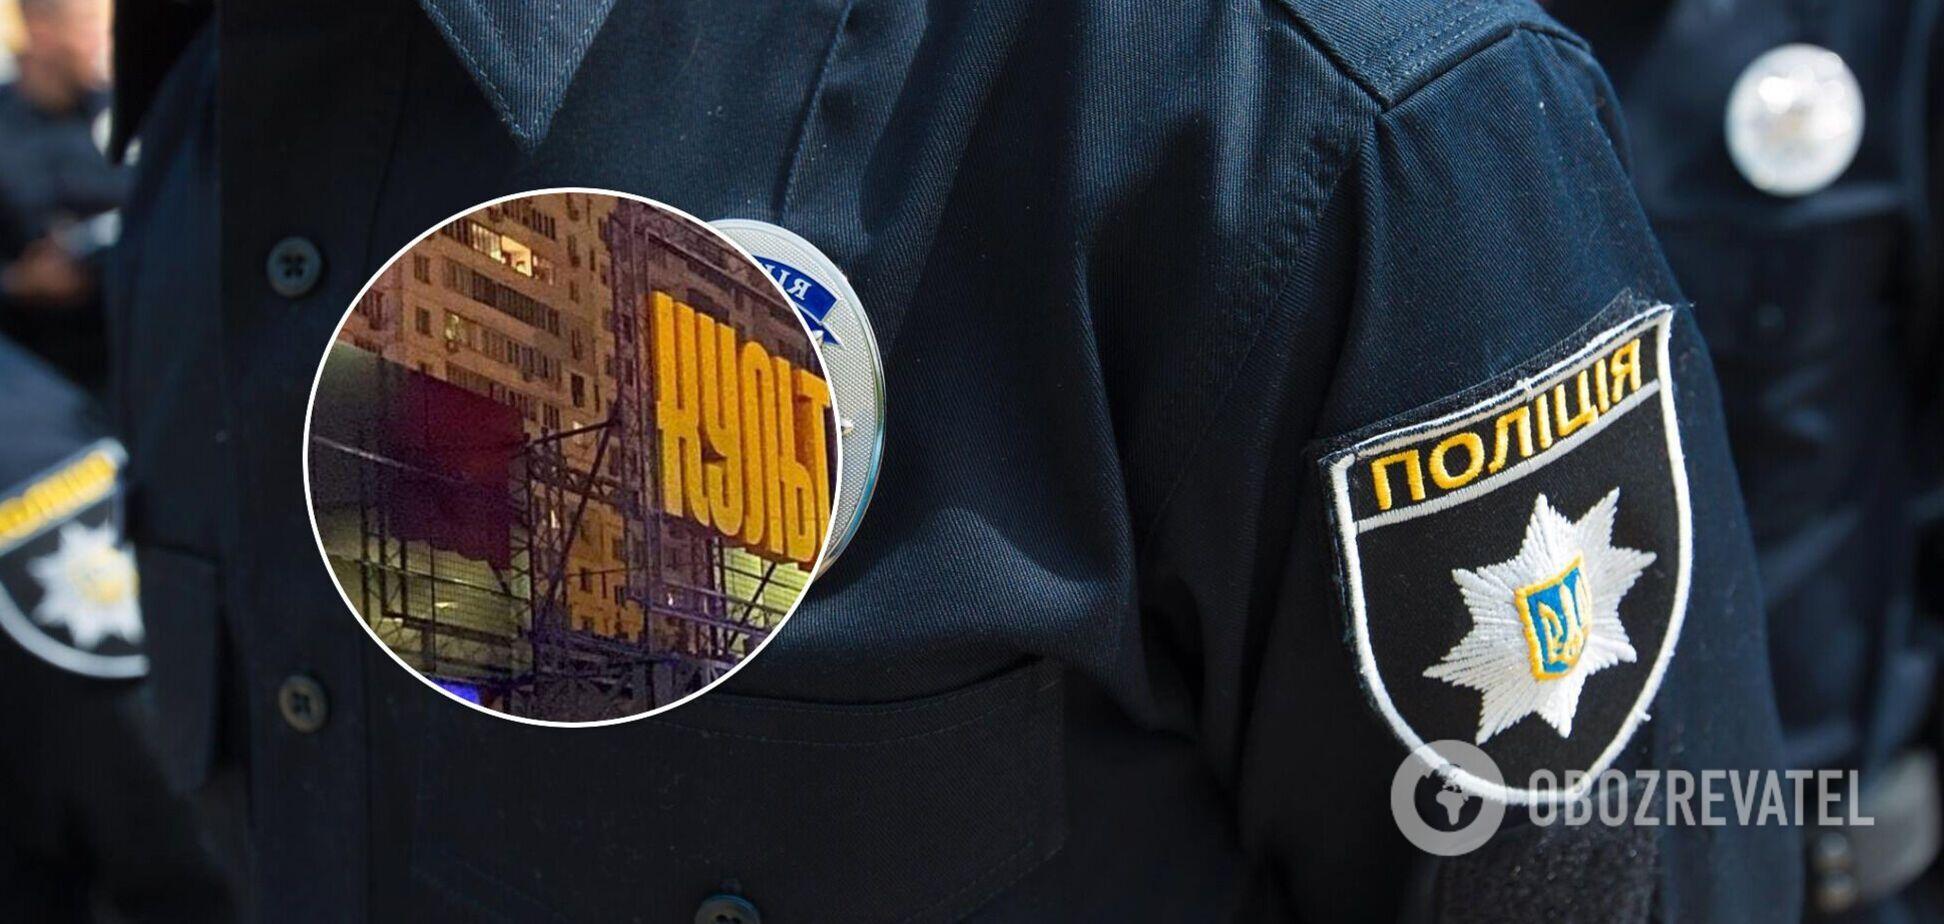 Нацполіція спростувала участь співробітників ДФС у масовій бійці в нічному клубі на Позняках